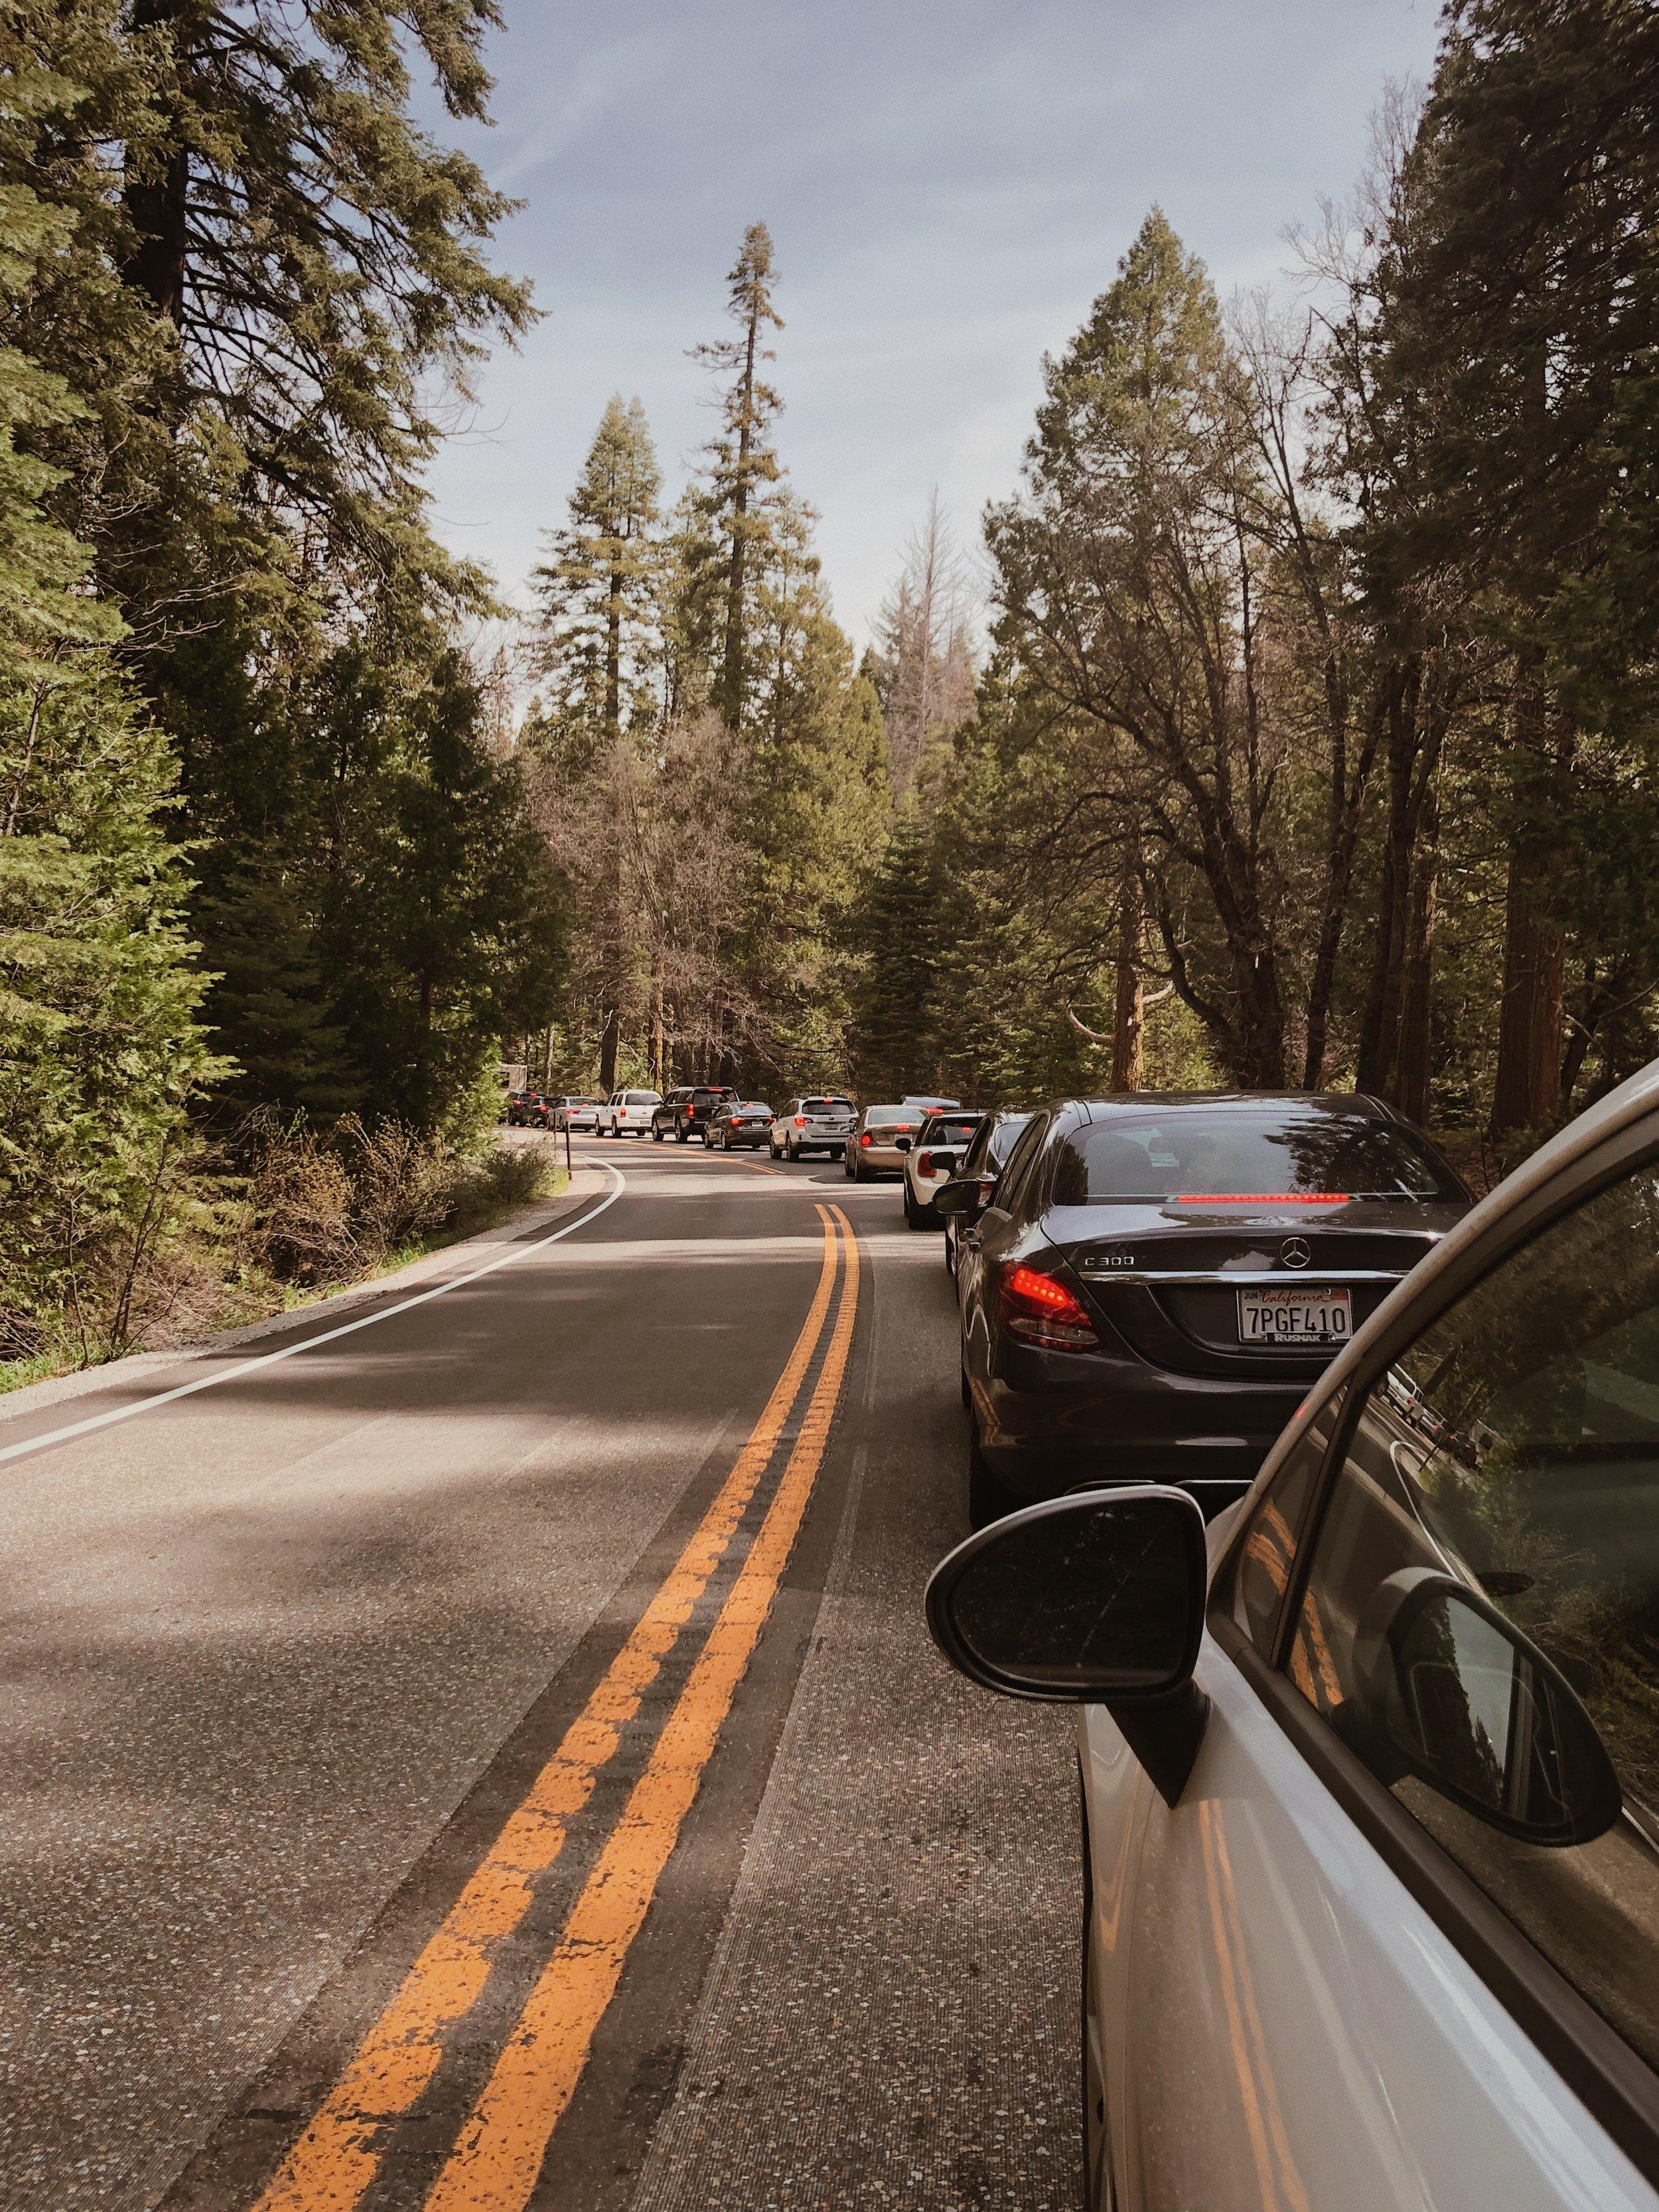 Yosemite Traffic is always fun.